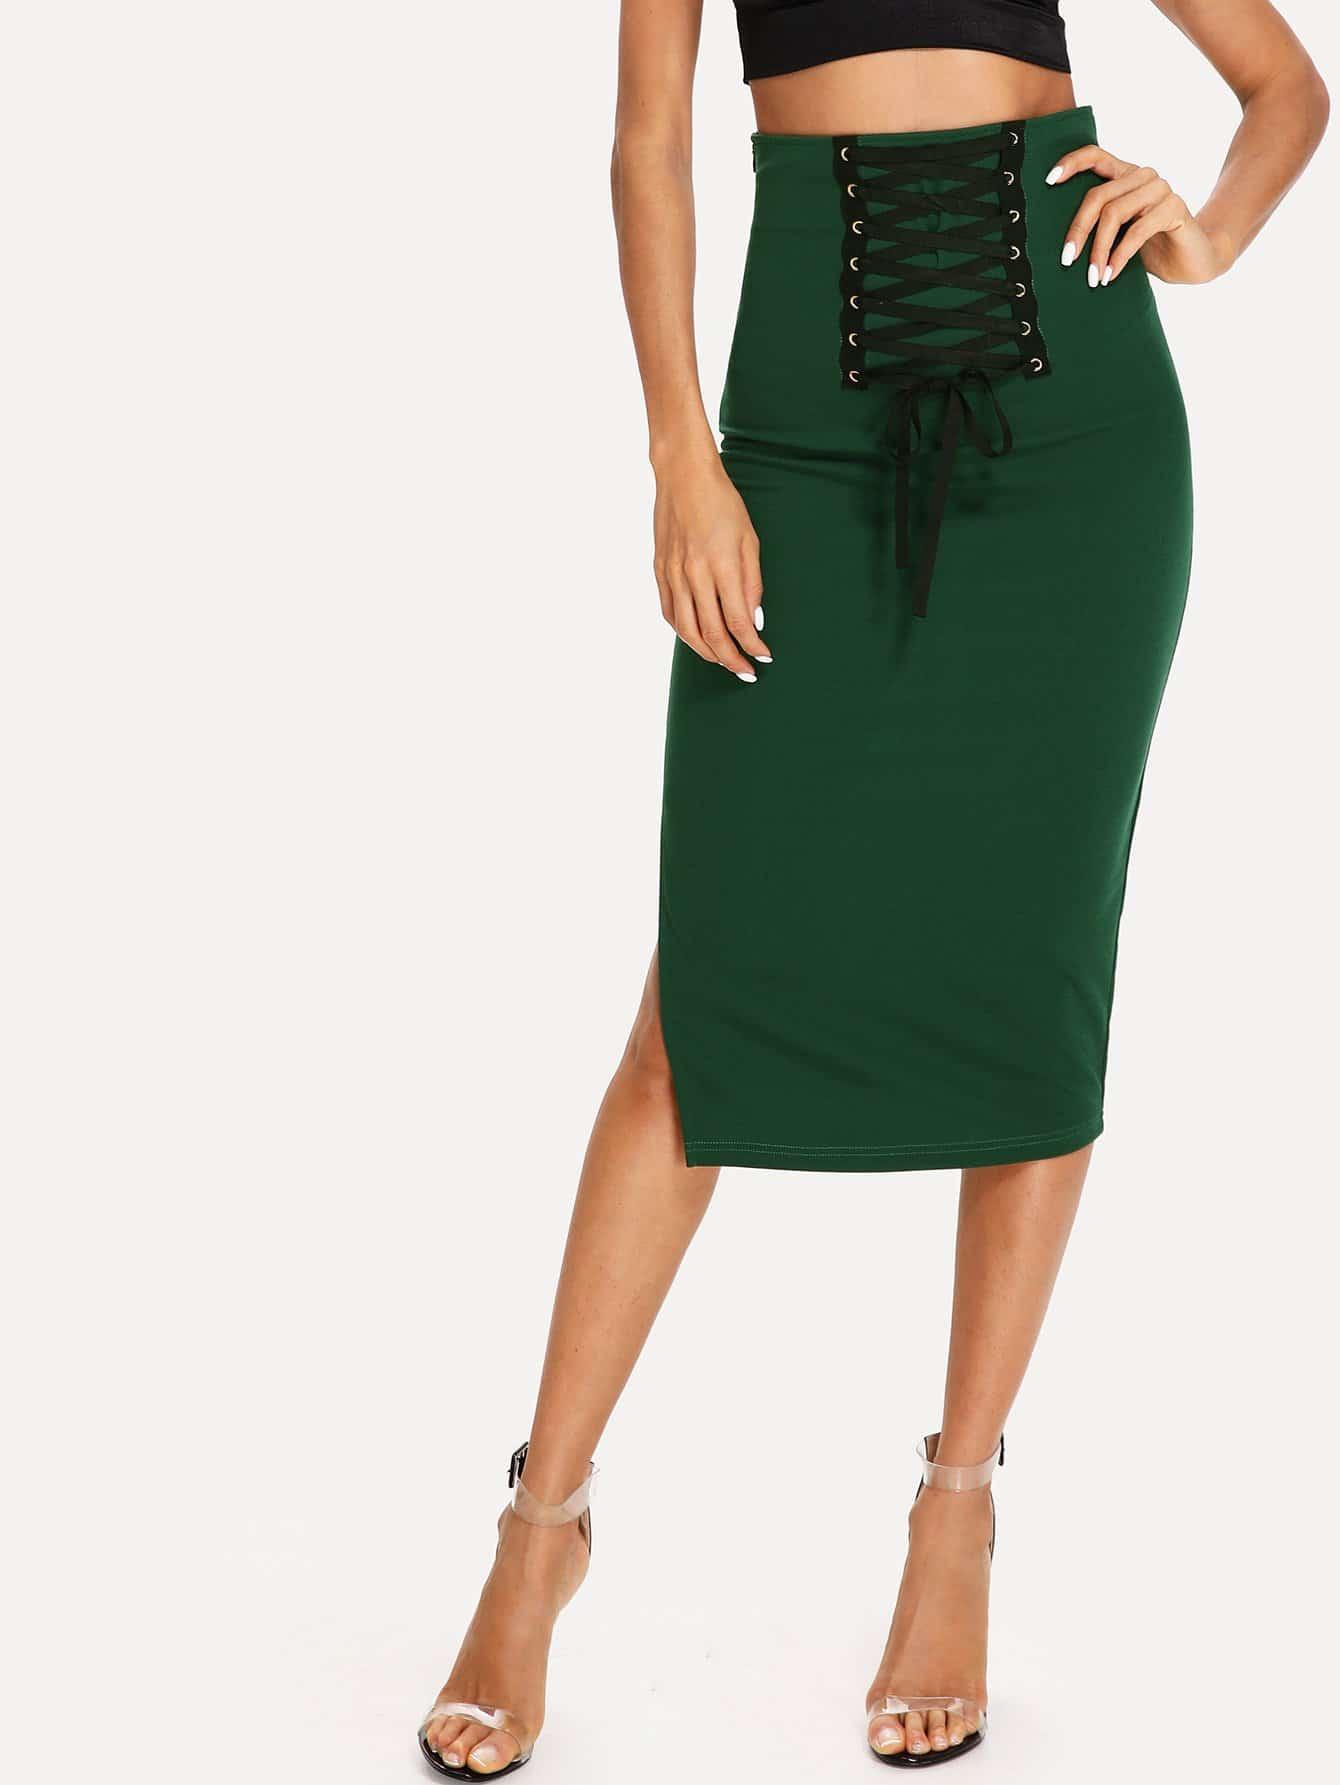 Grommet Lace Up Split Midi Skirt split mesh skirt cover up